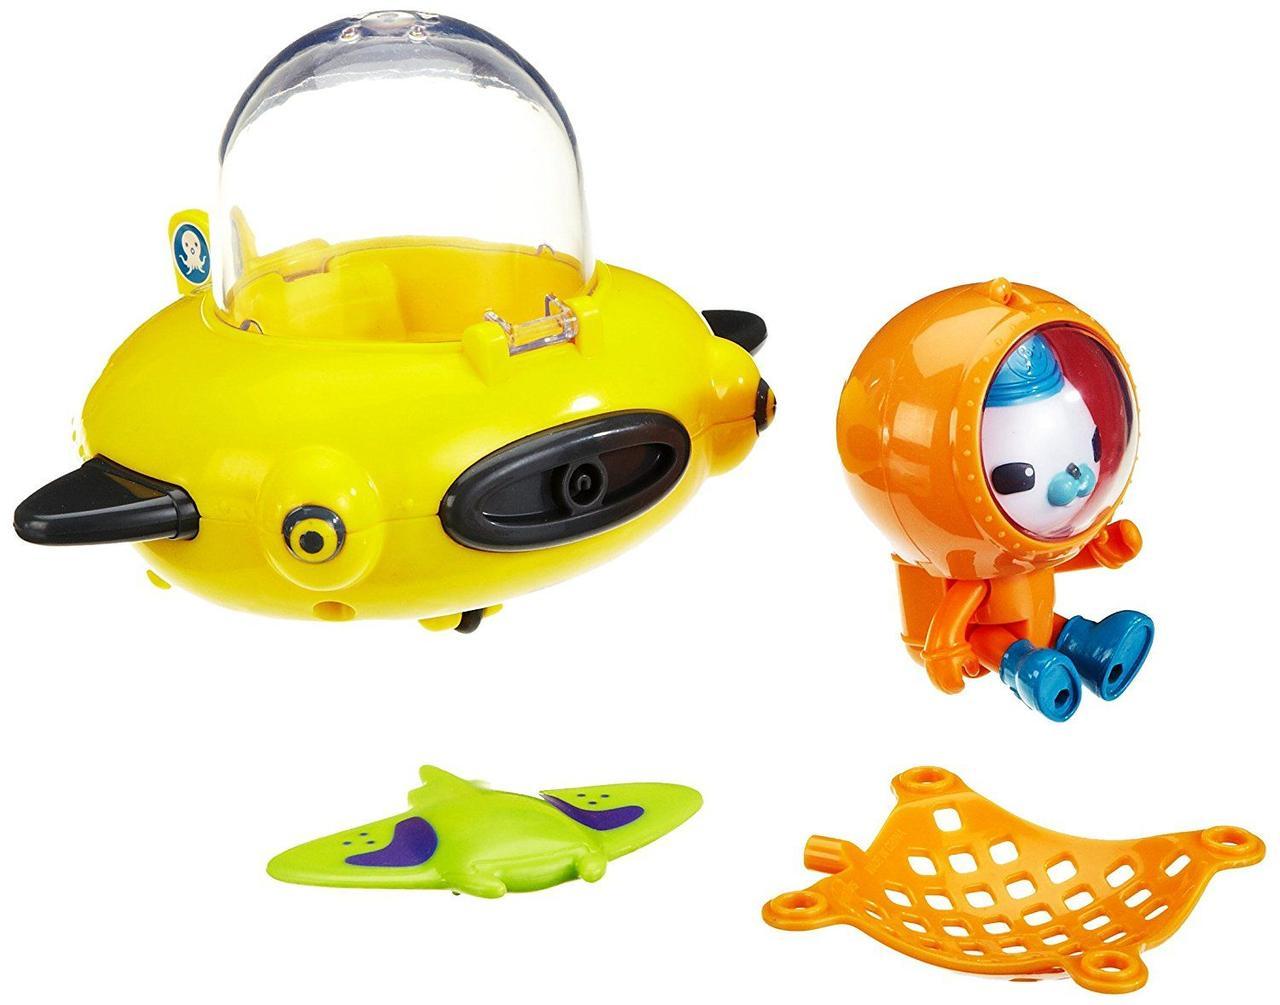 Октонавты Барнаклс подводный аппарат Гуп-Д Fisher-Price Octonauts Gup D Playset